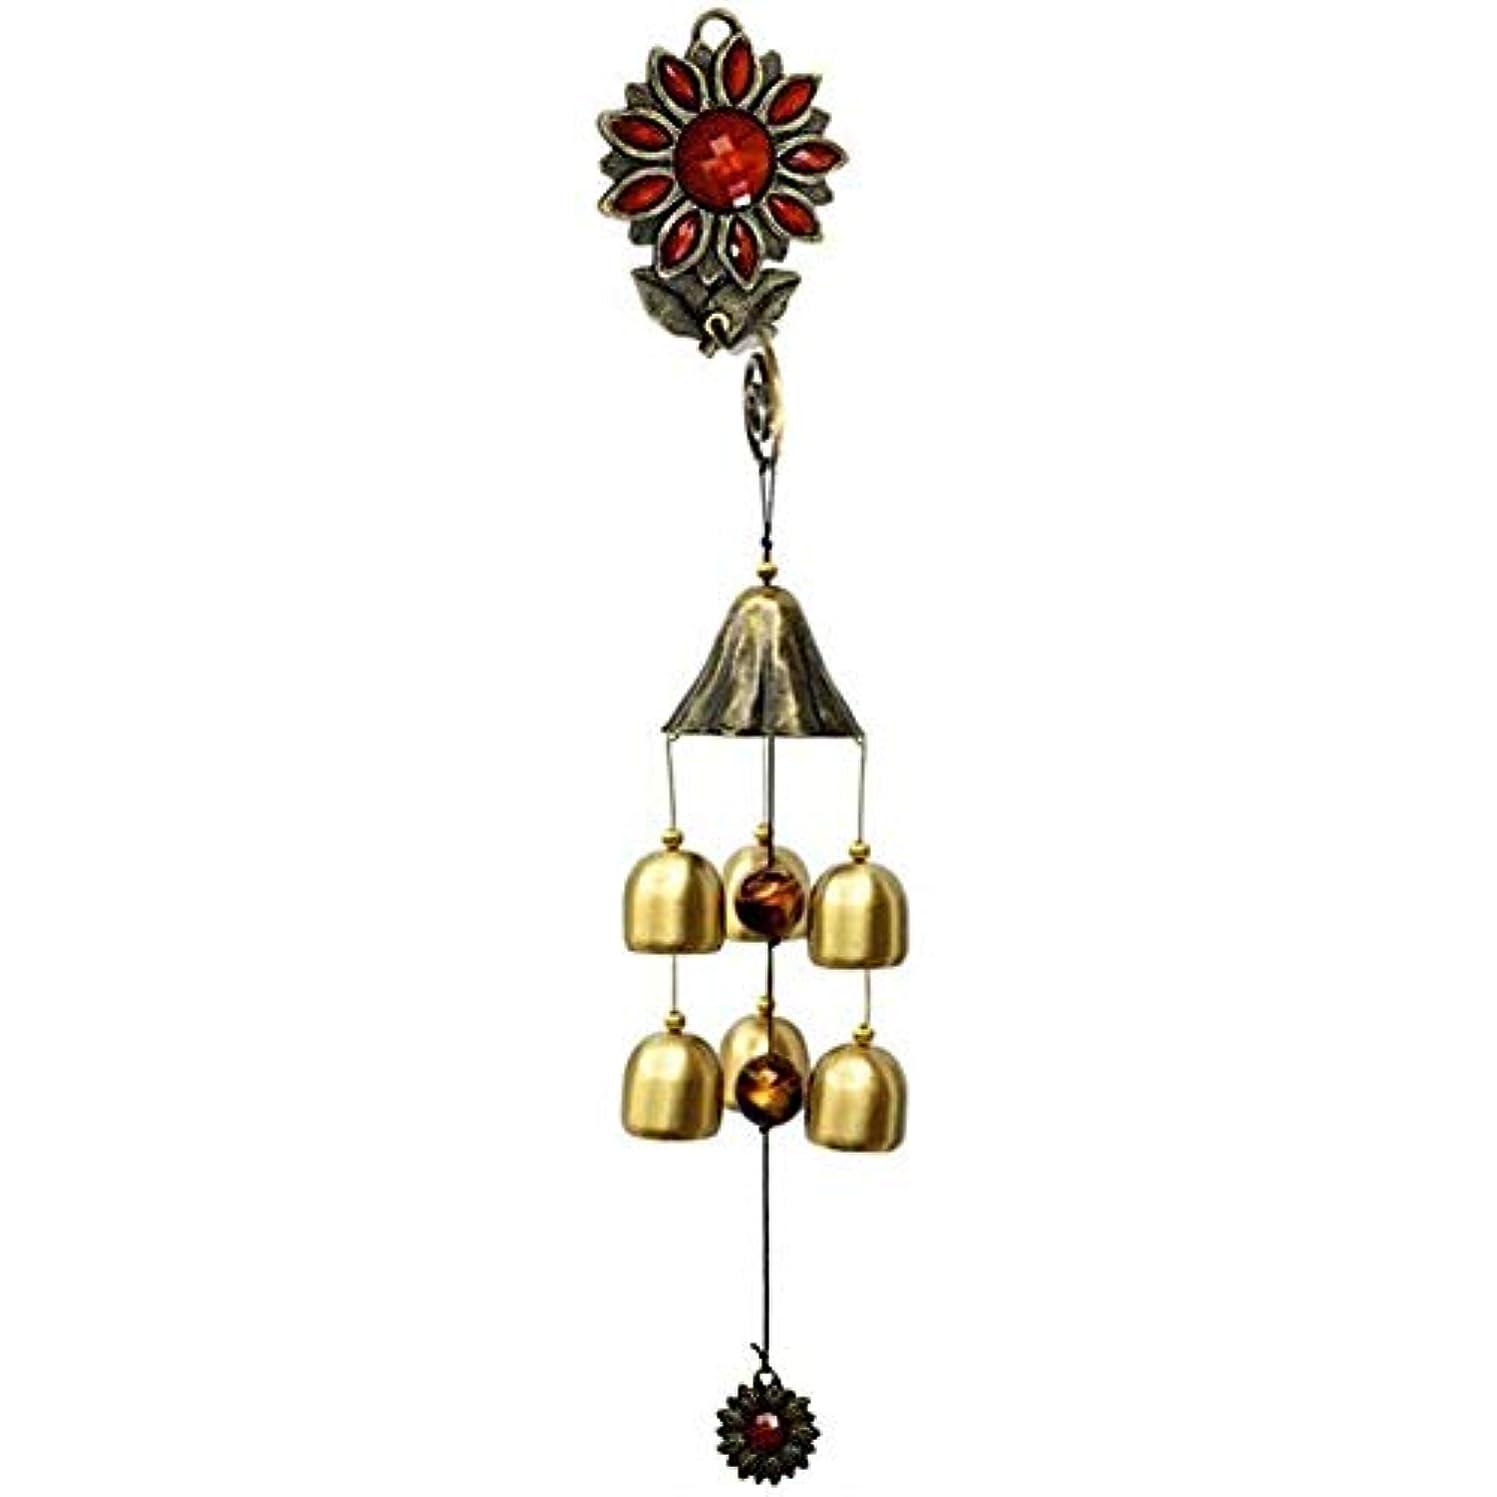 ビート人種フルーティーJielongtongxun 風チャイム、ガーデンメタルクリエイティブひまわり風の鐘、グリーン、全長約35CM,絶妙な飾り (Color : Red)